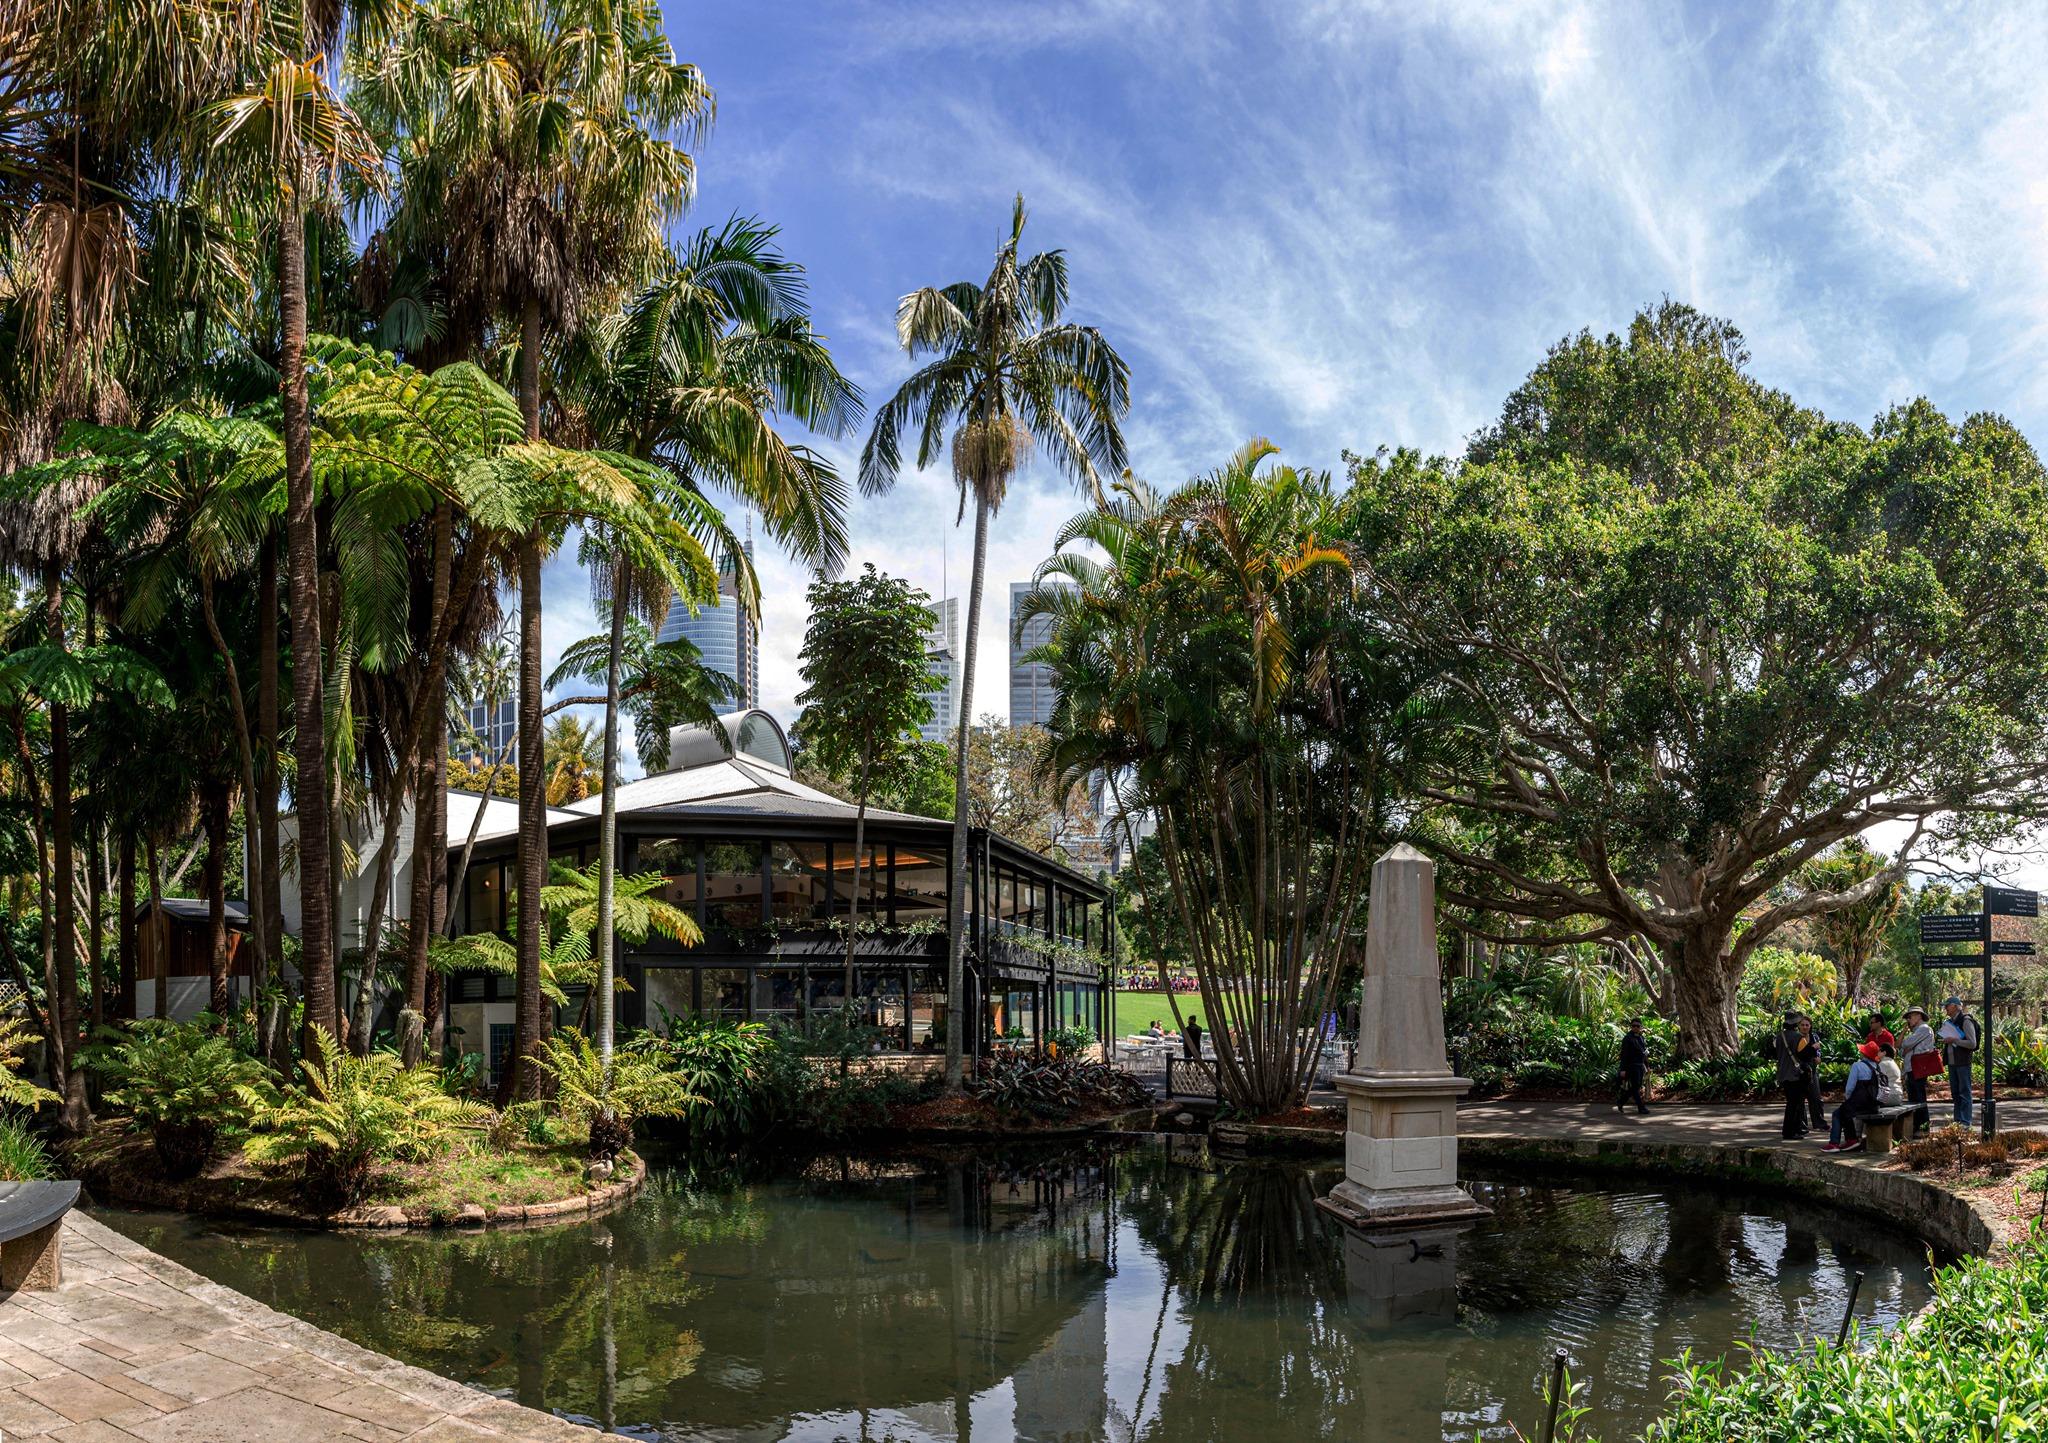 Best Australian Restaurants best australian restaurants Best Australian Restaurants to taste this Christmas botanic house best restaurants in australia